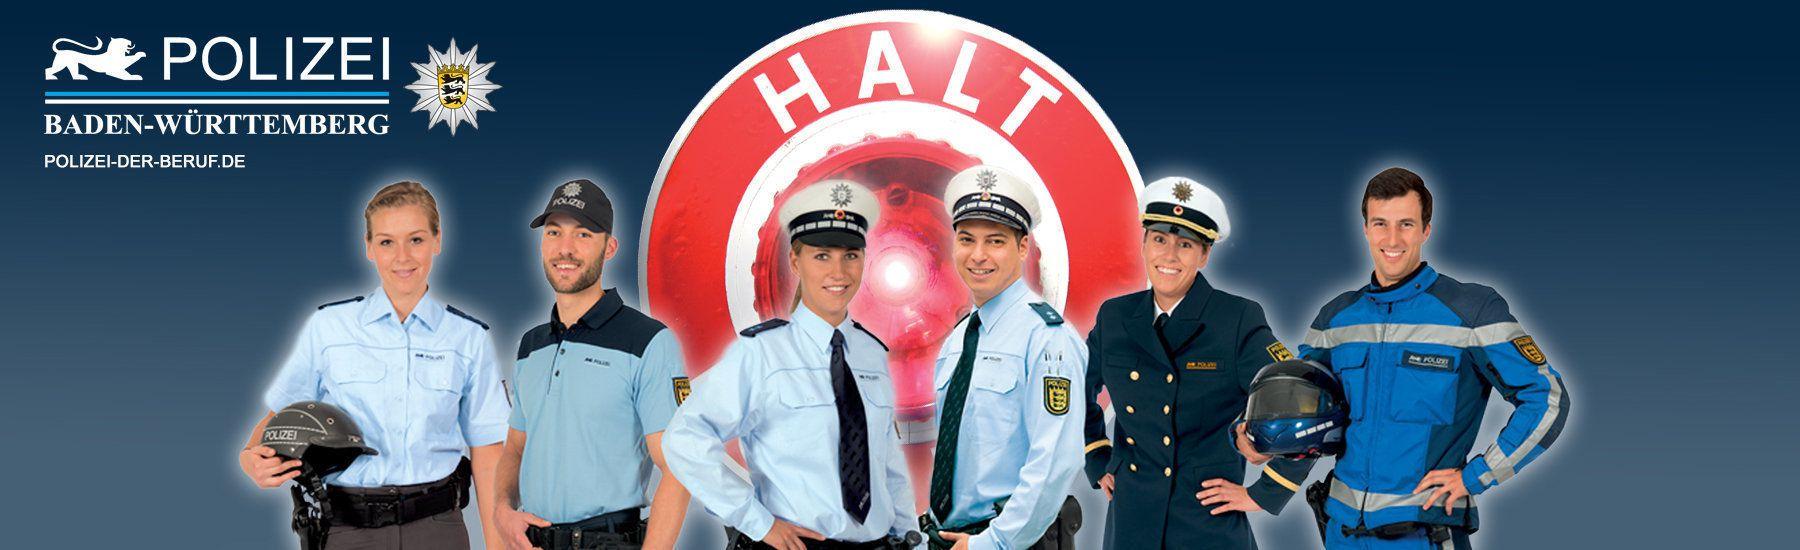 ausbildung polizei baden wrttemberg freie ausbildungspltze - Bewerbung Polizei Baden Wurttemberg